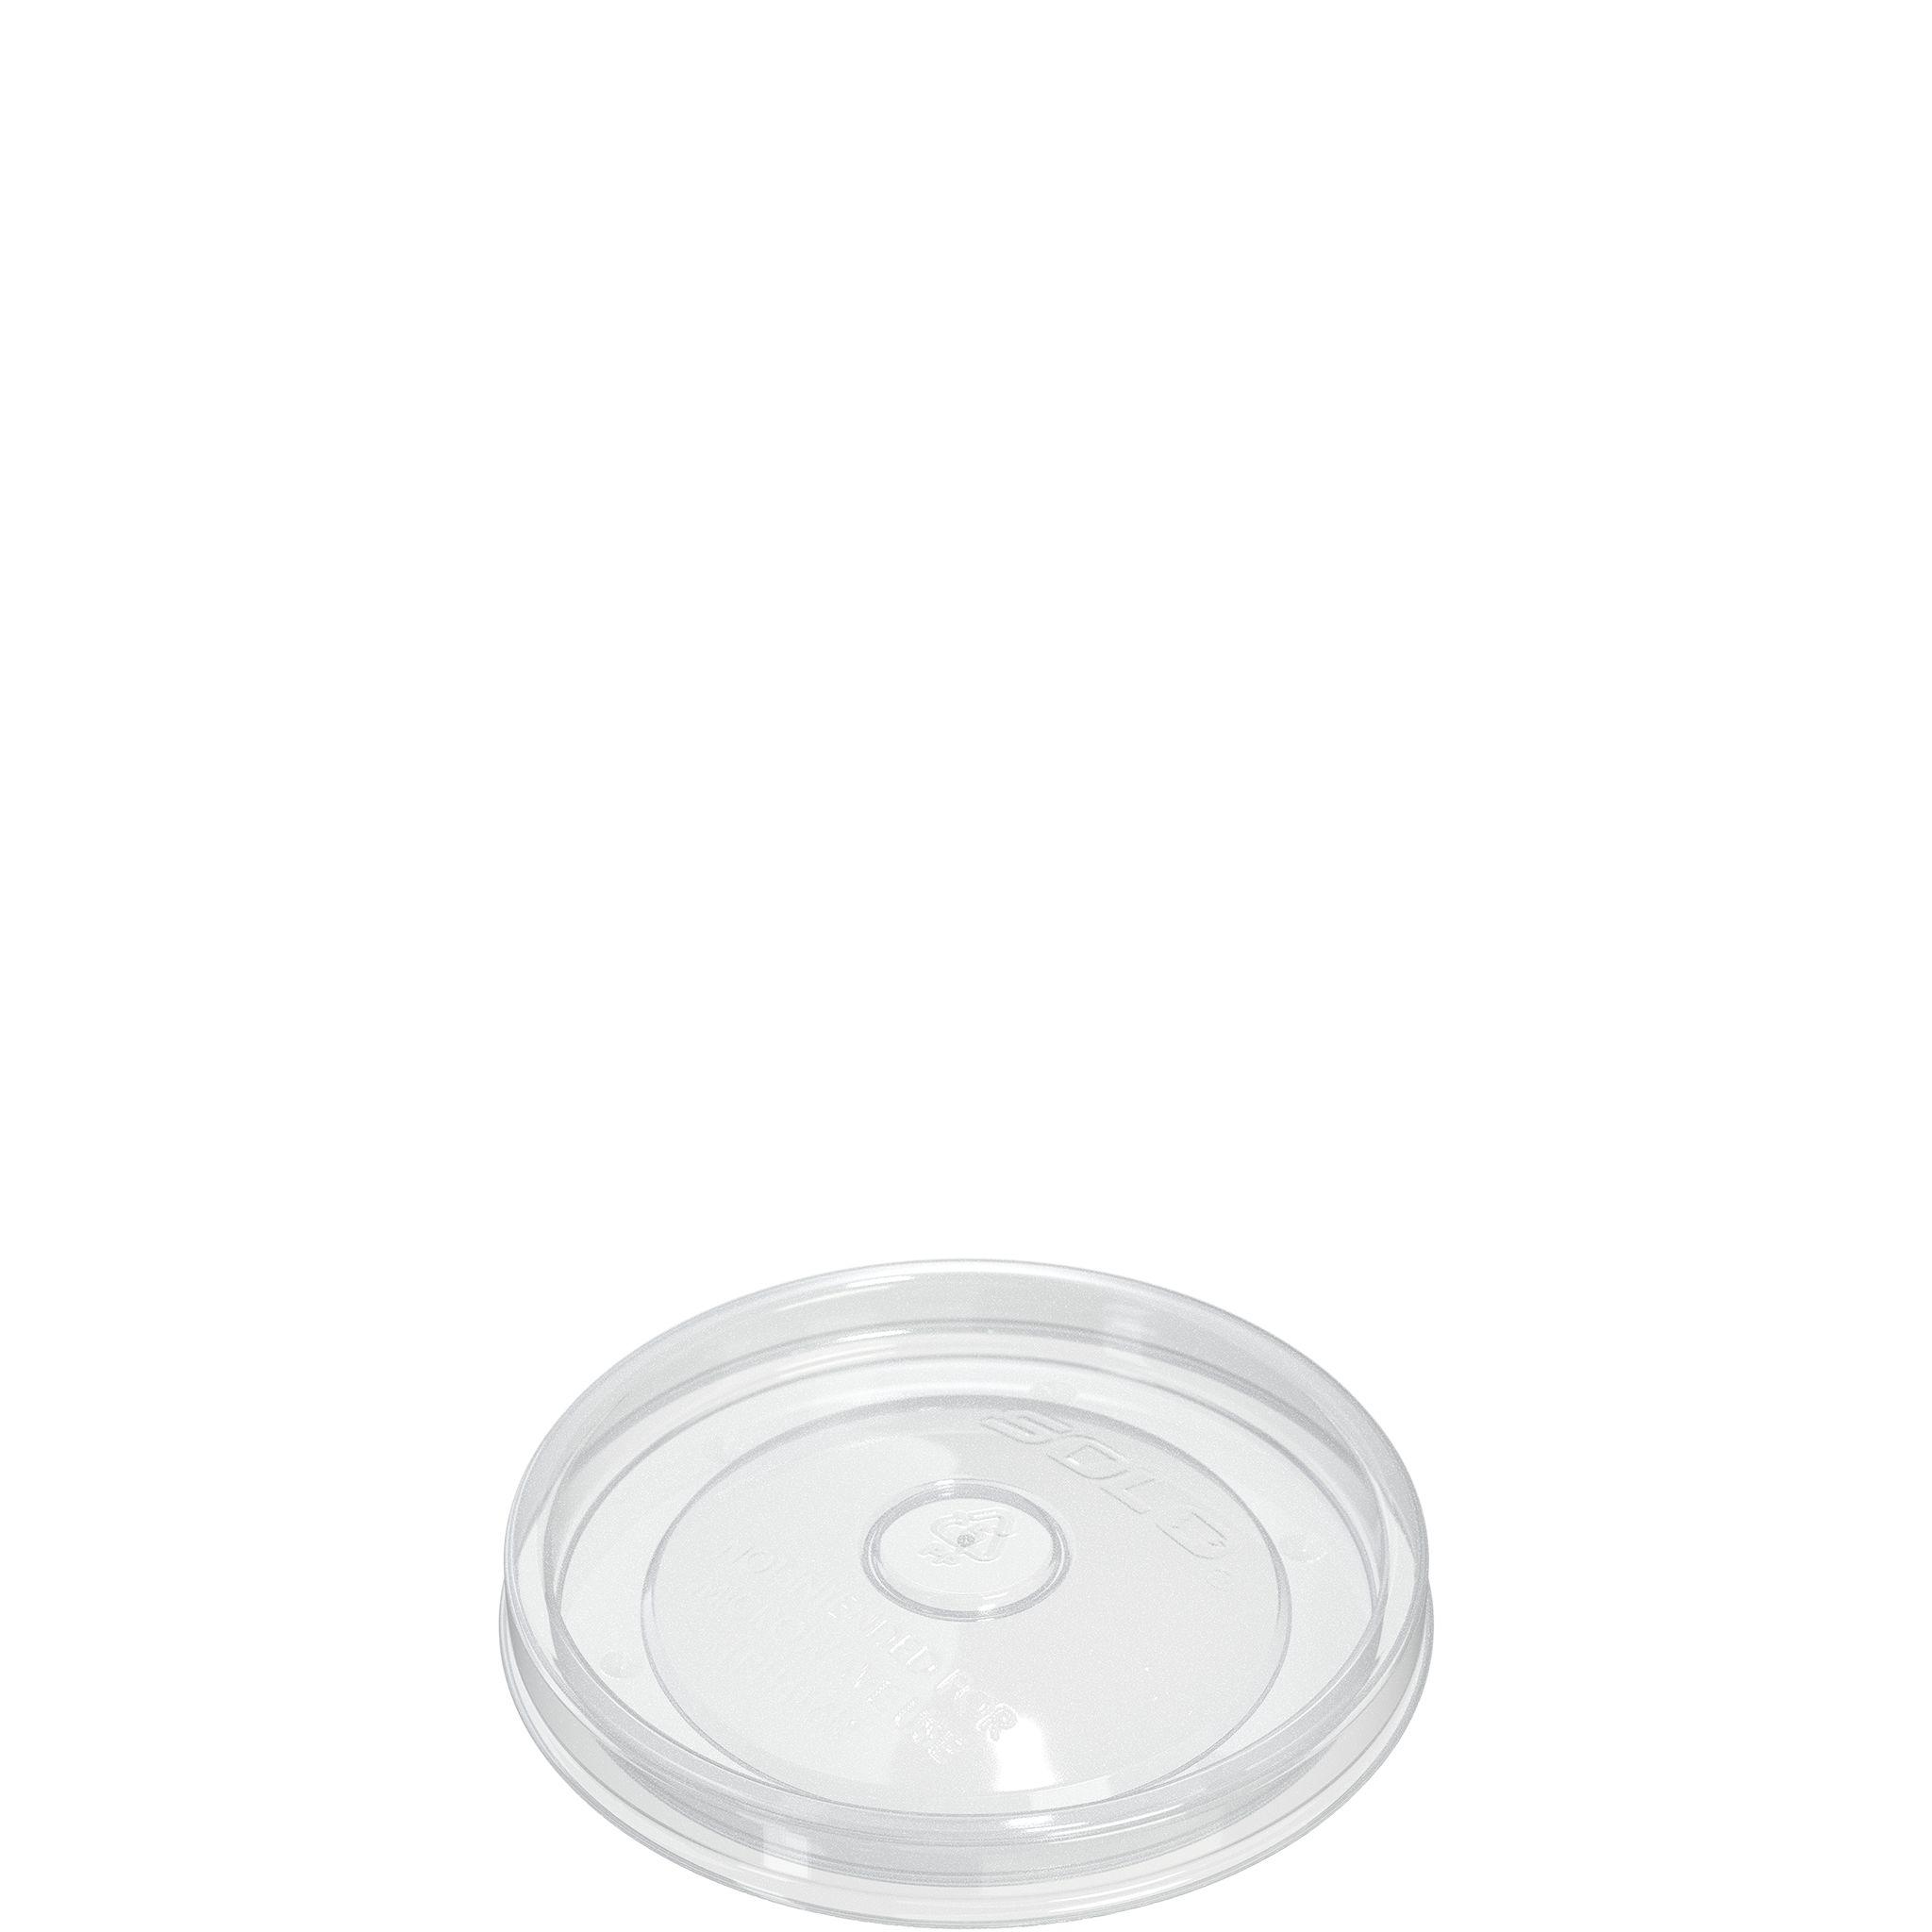 LPH416R-0090